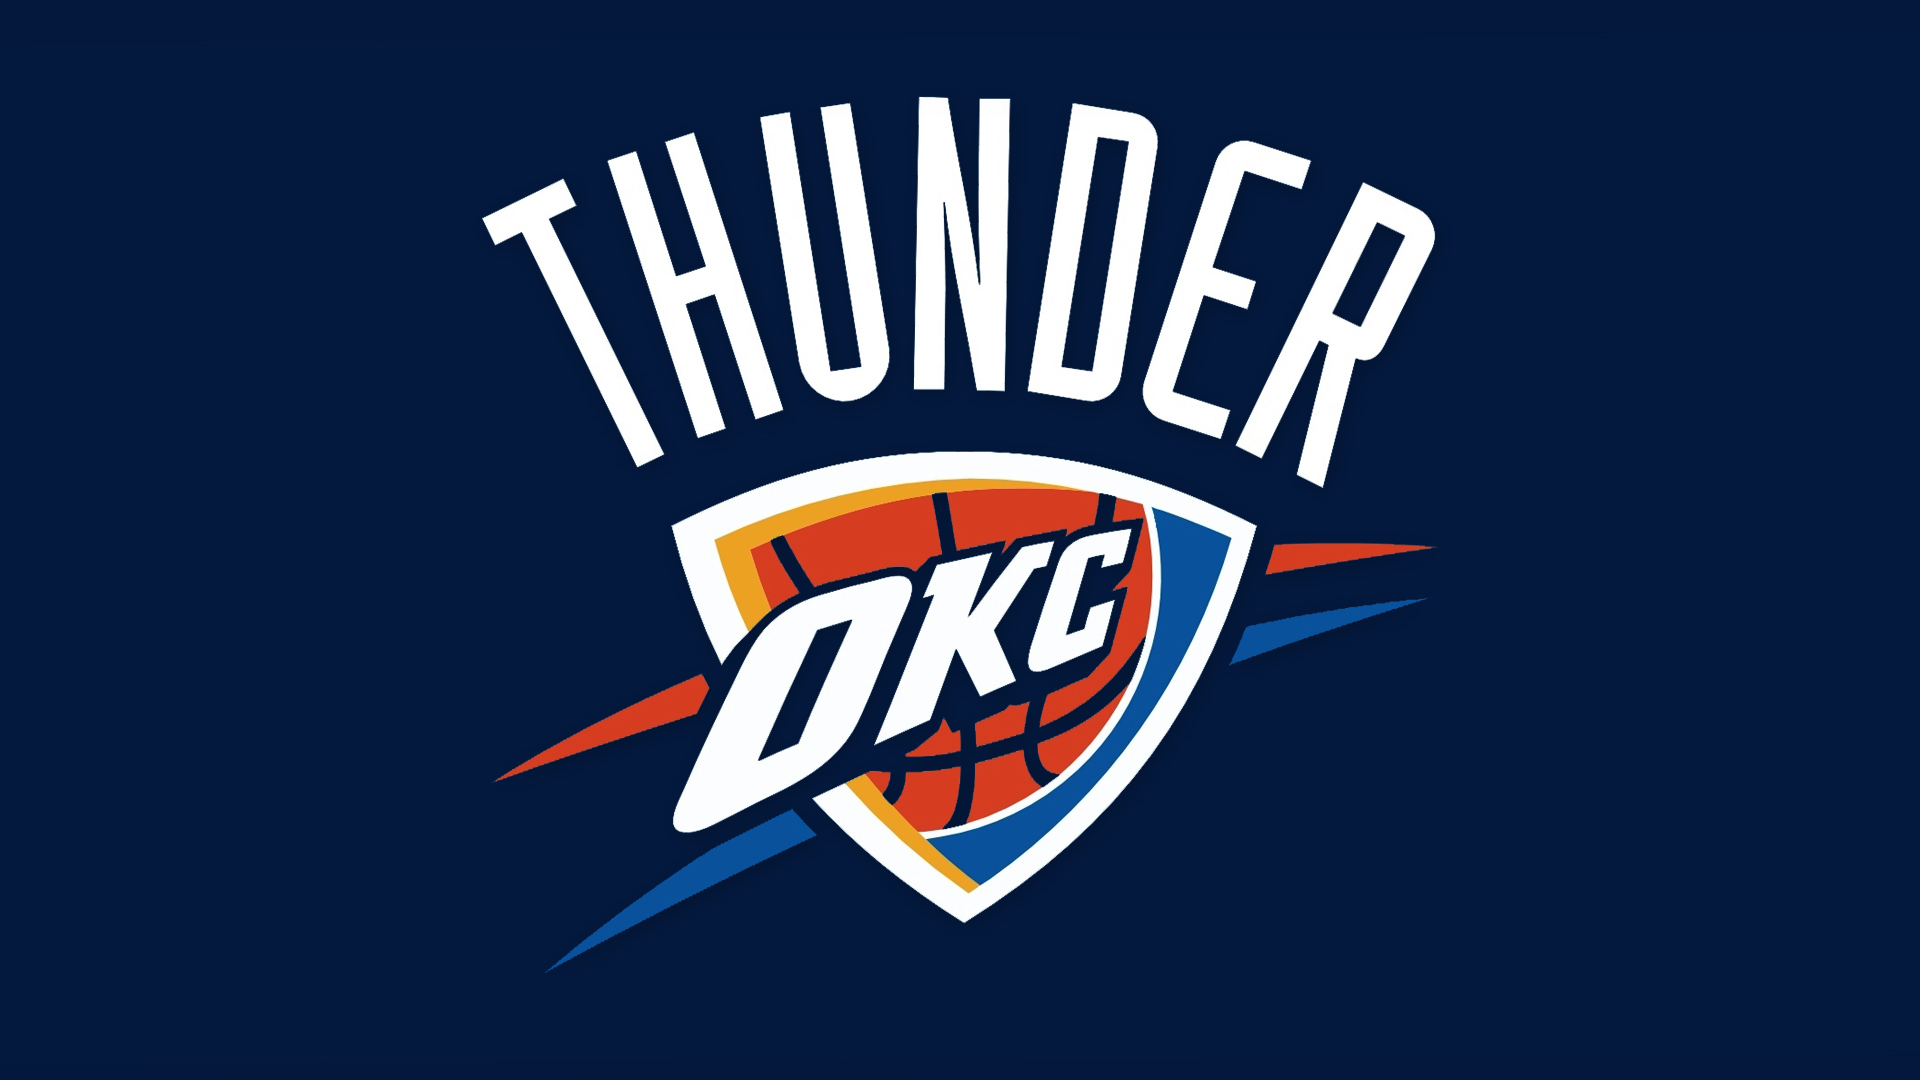 NBA Oklahoma City Thunder Logo Blue Back 1920x1080 HD NBA Oklahoma 1920x1080